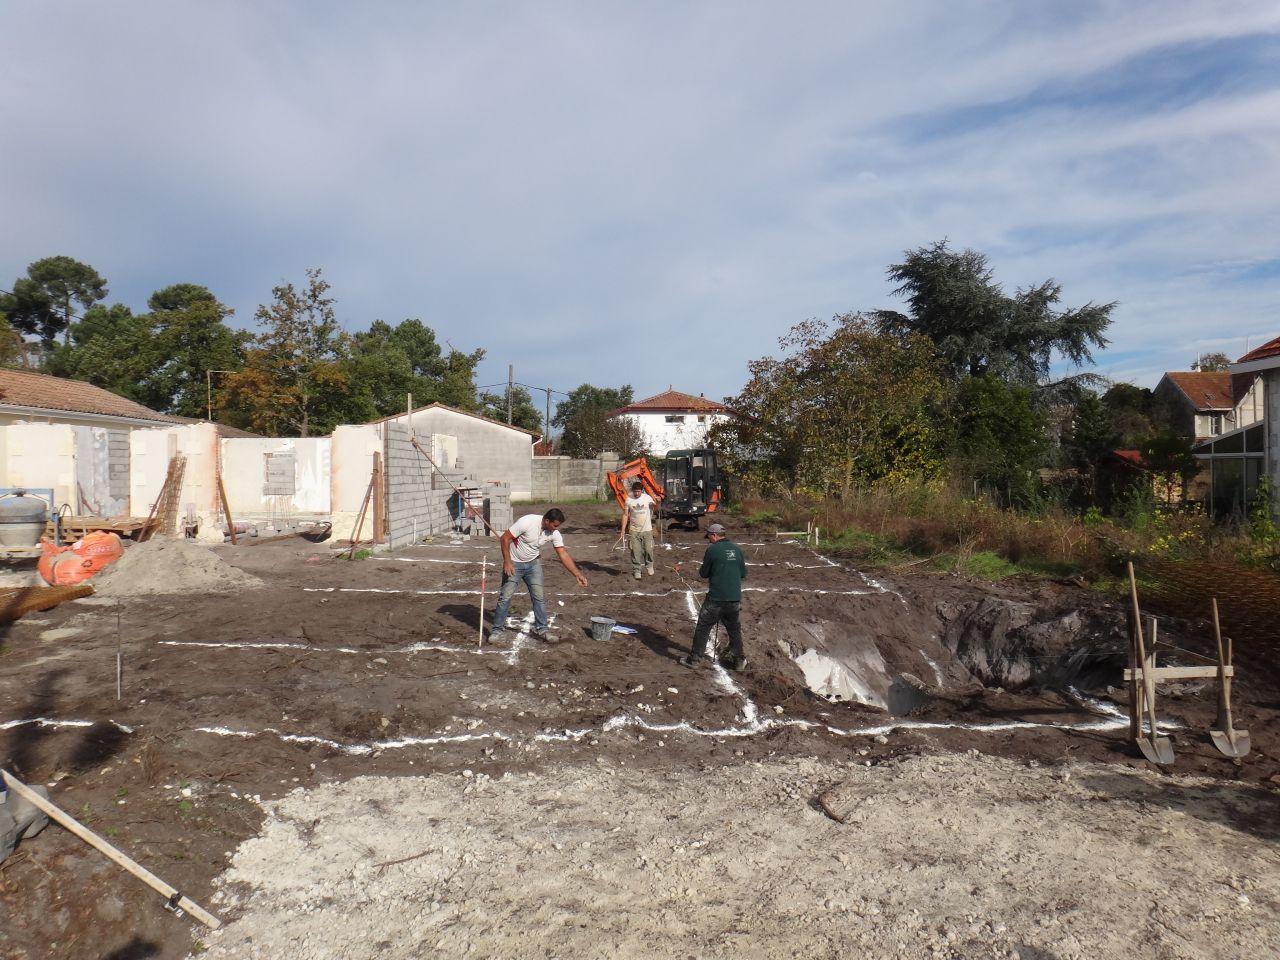 tracage au sol des tranchées a creuser pour les fondations